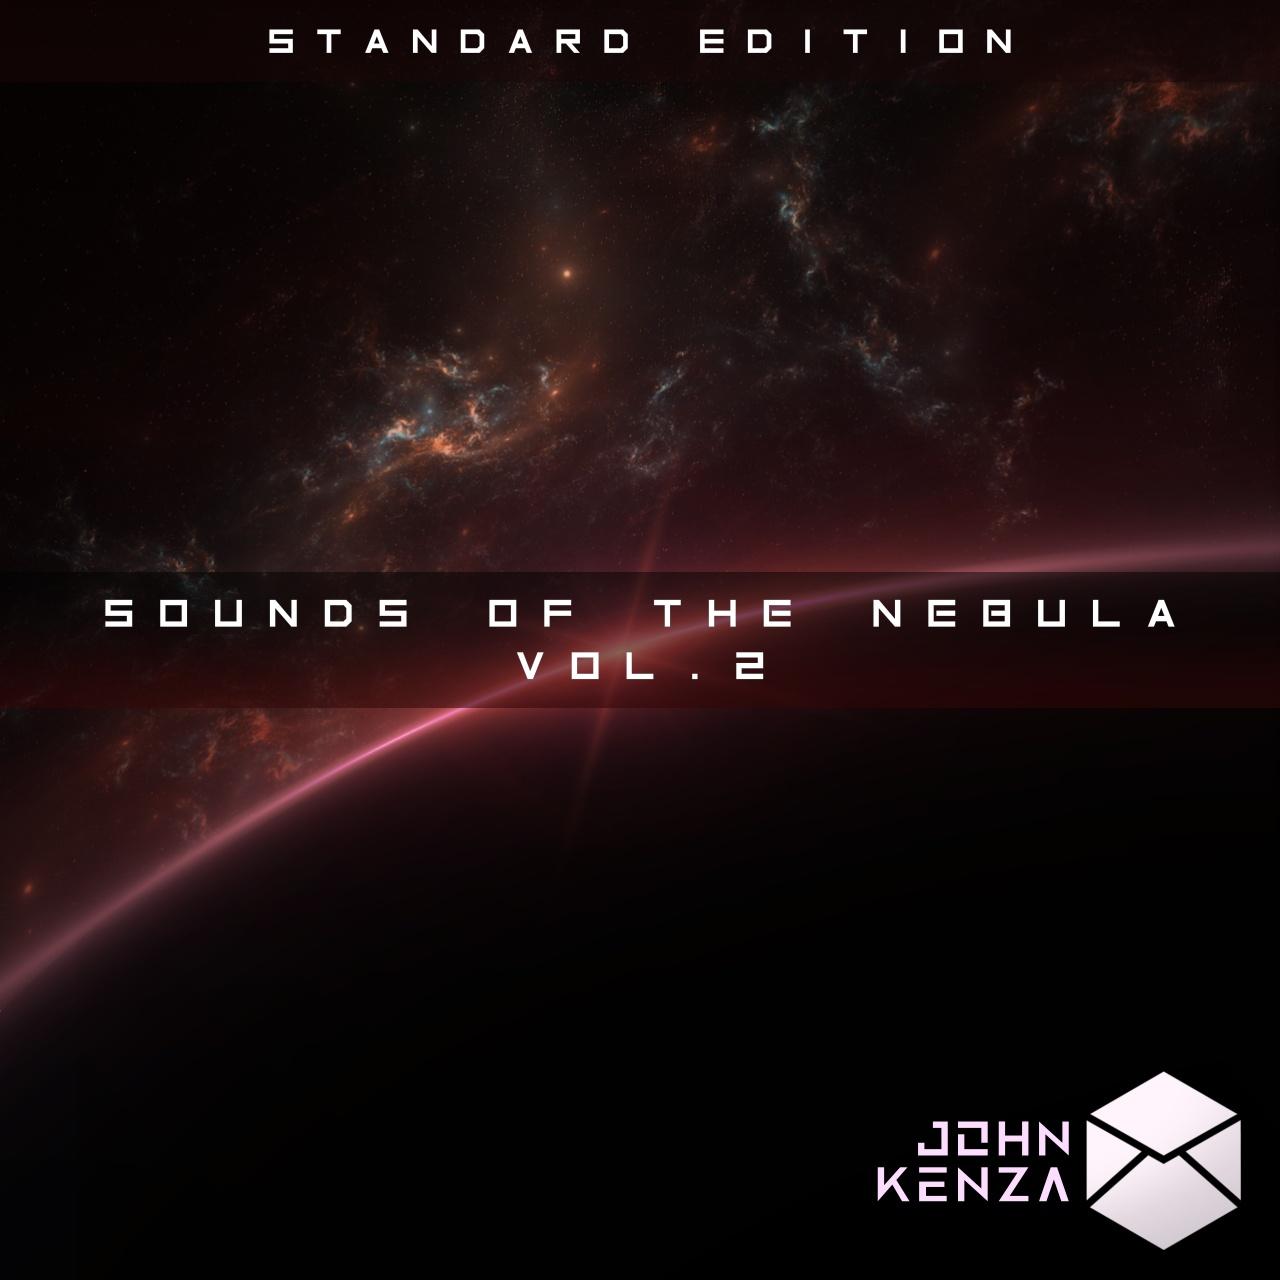 Sounds of the Nebula Vol.2 (Standard Edition)